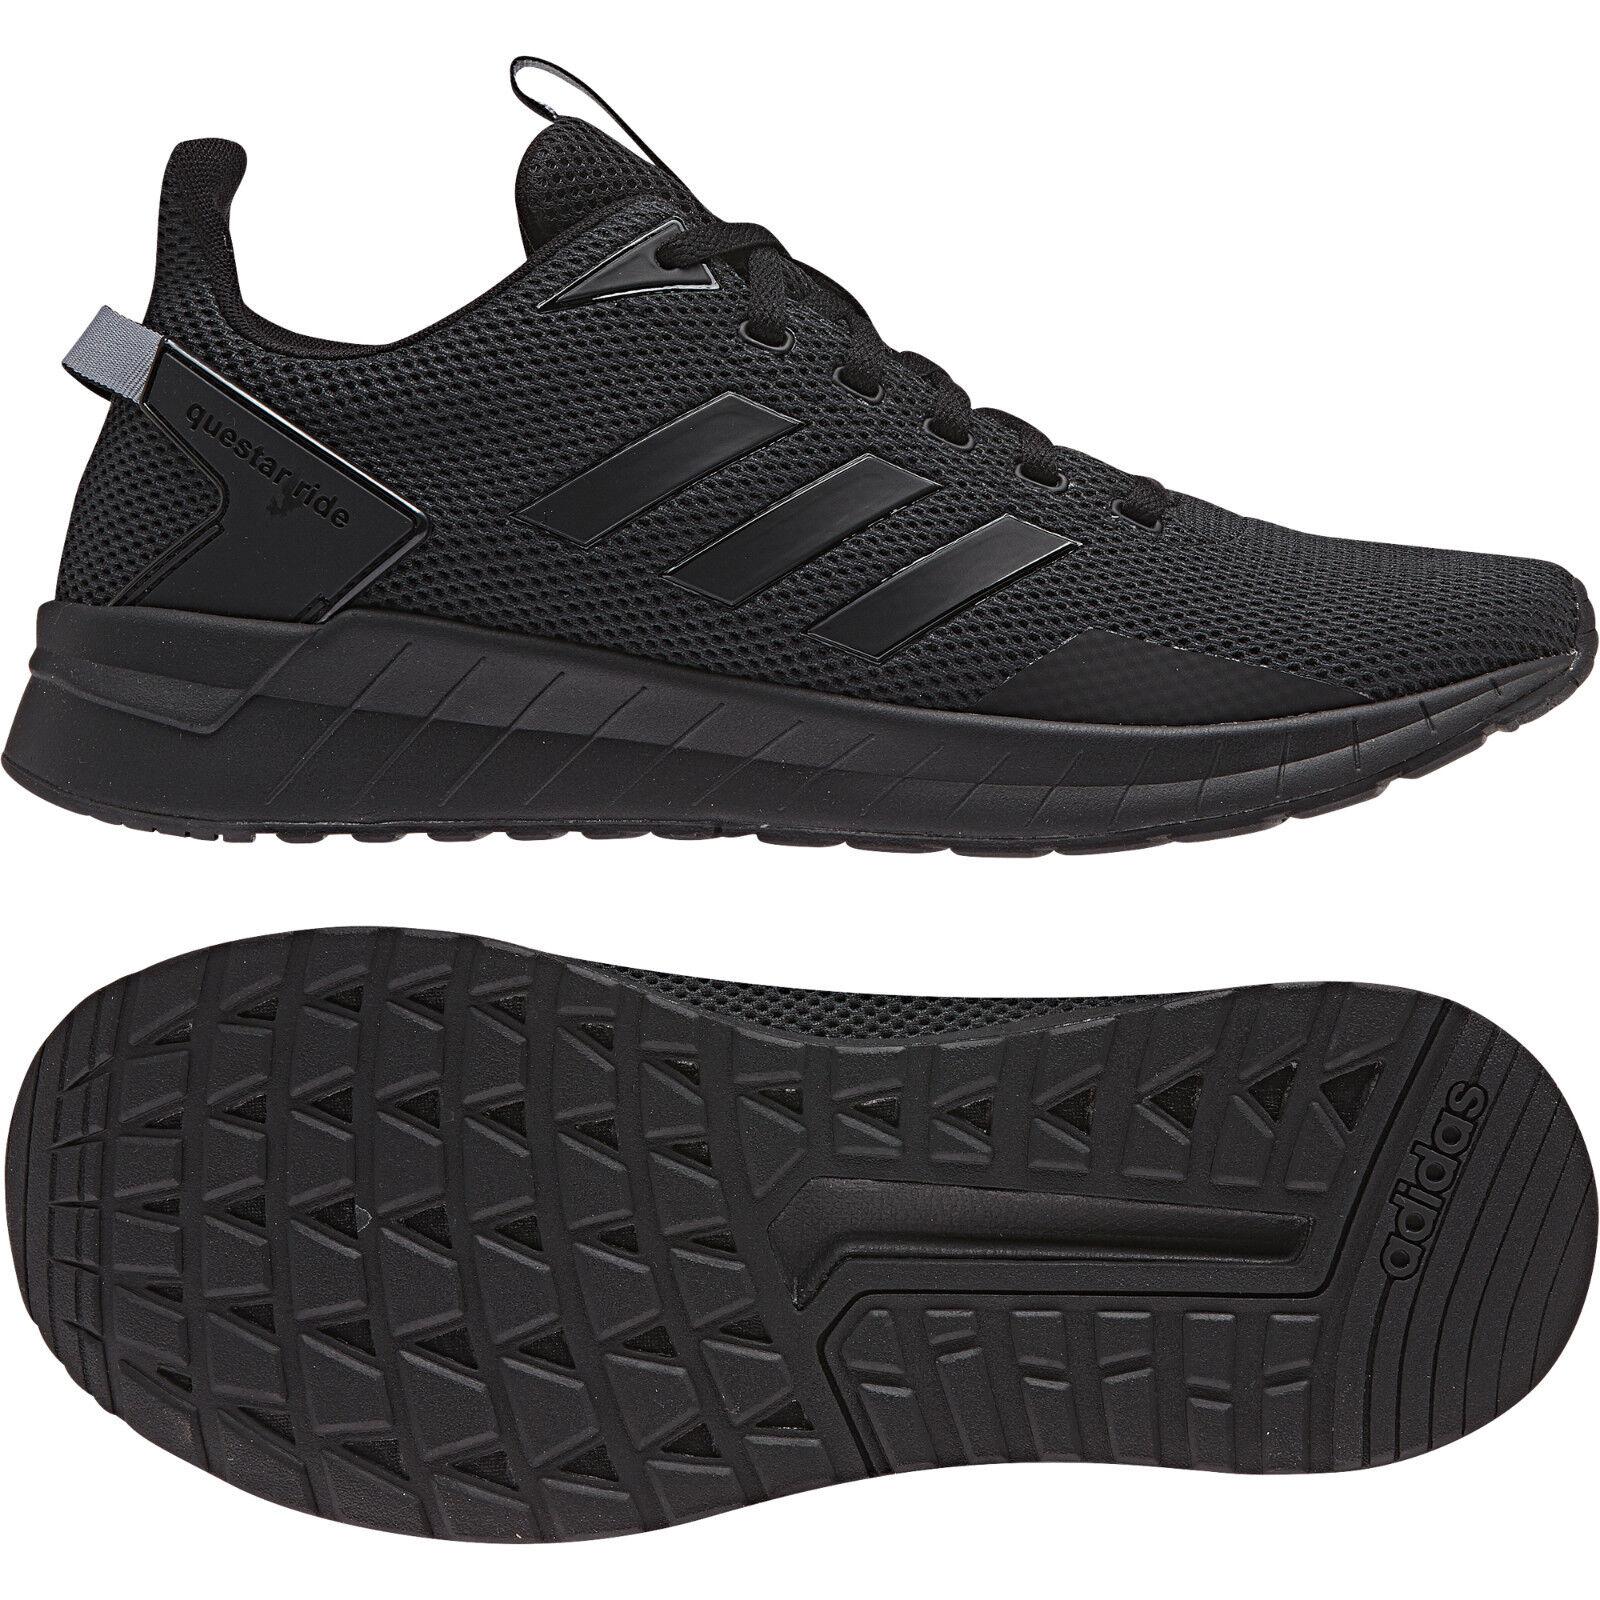 Adidas in uomini scarpe questar passaggio in Adidas formazione del formatori b44806 moda 292a9d